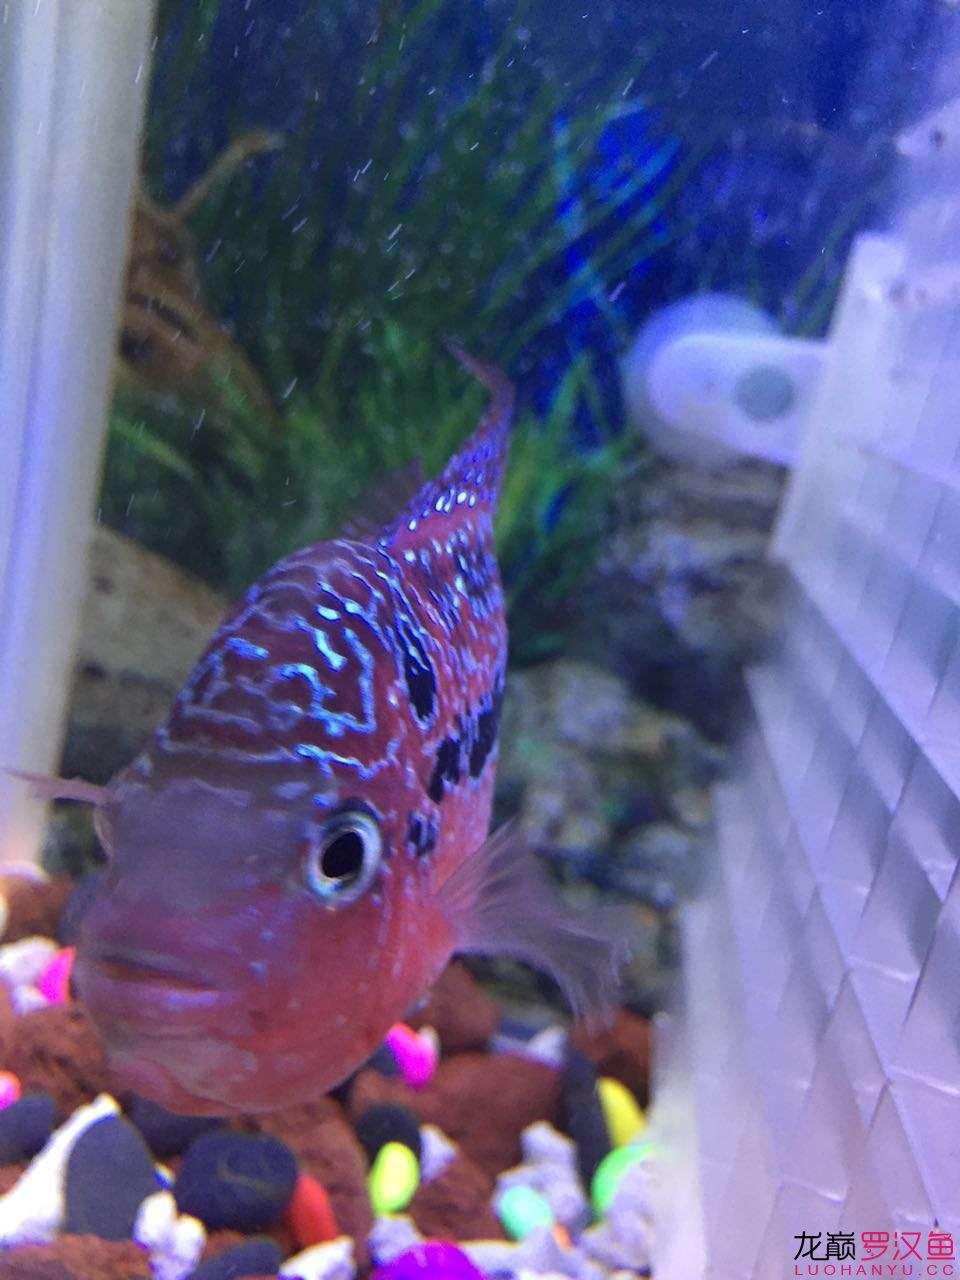 新入手的一天小泰金 西安观赏鱼信息 西安博特第6张